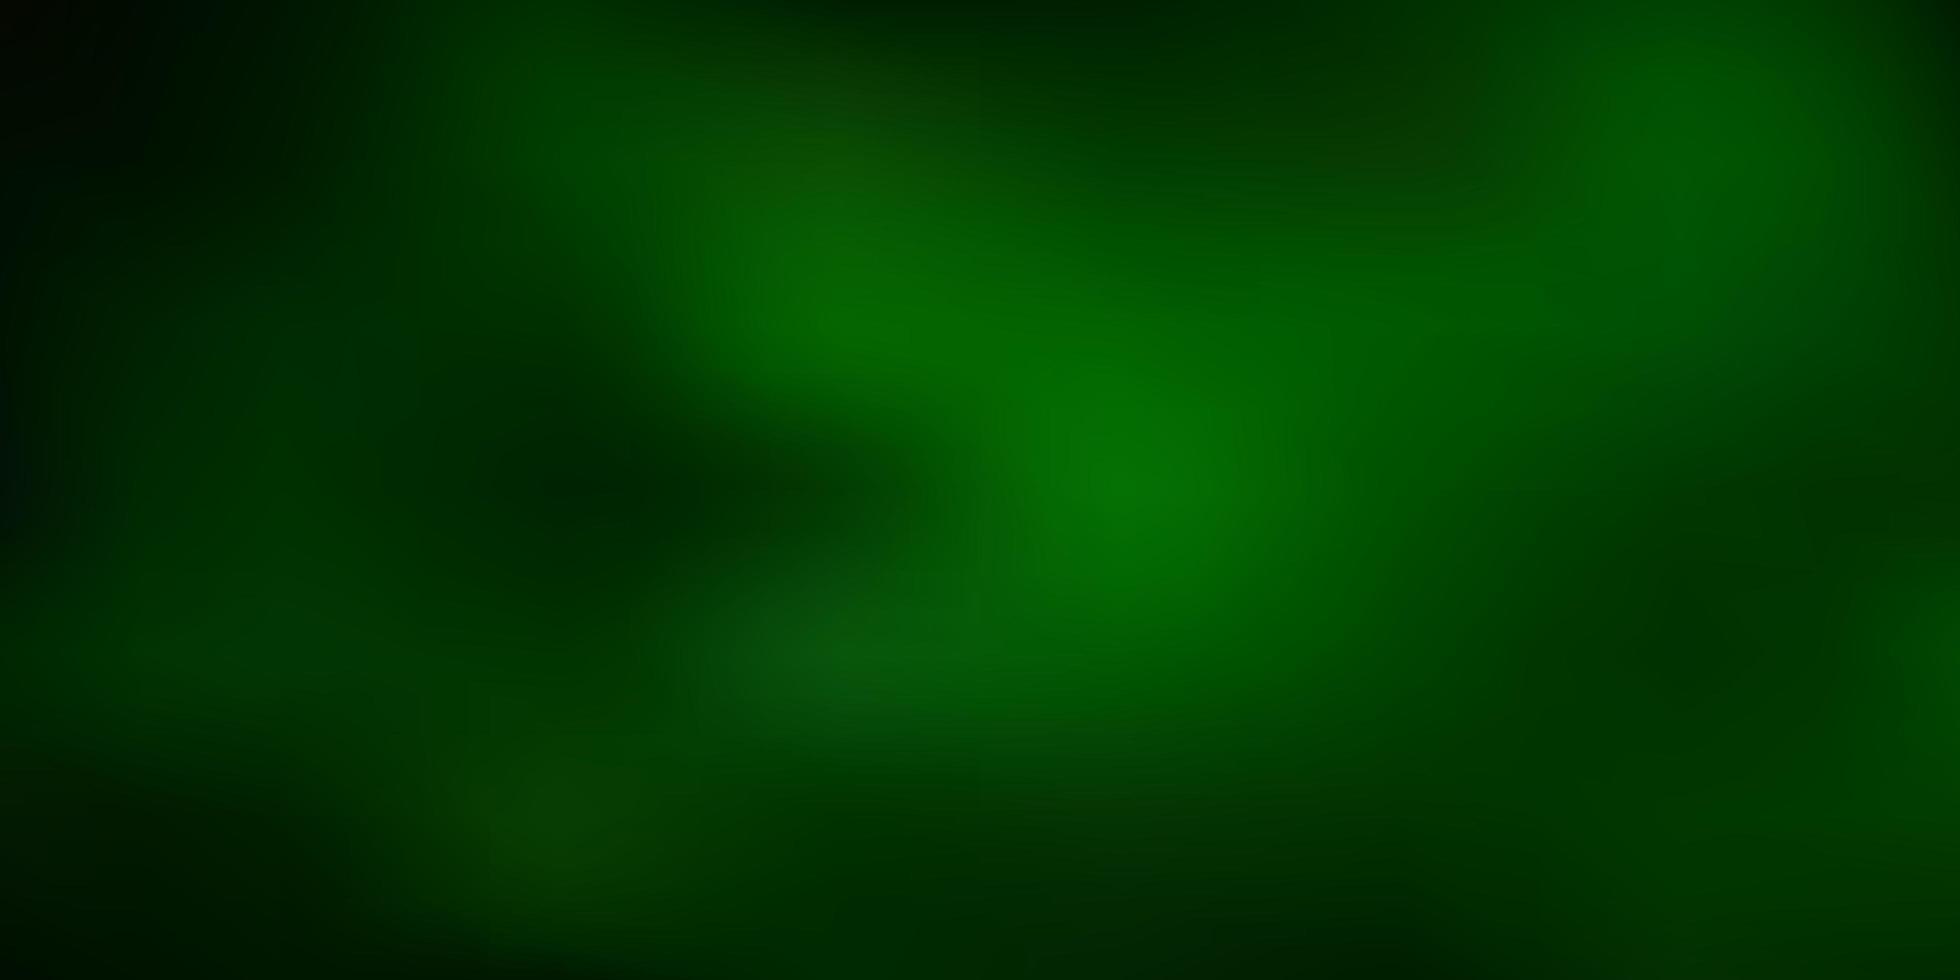 disegno di sfocatura astratta vettoriale verde scuro.